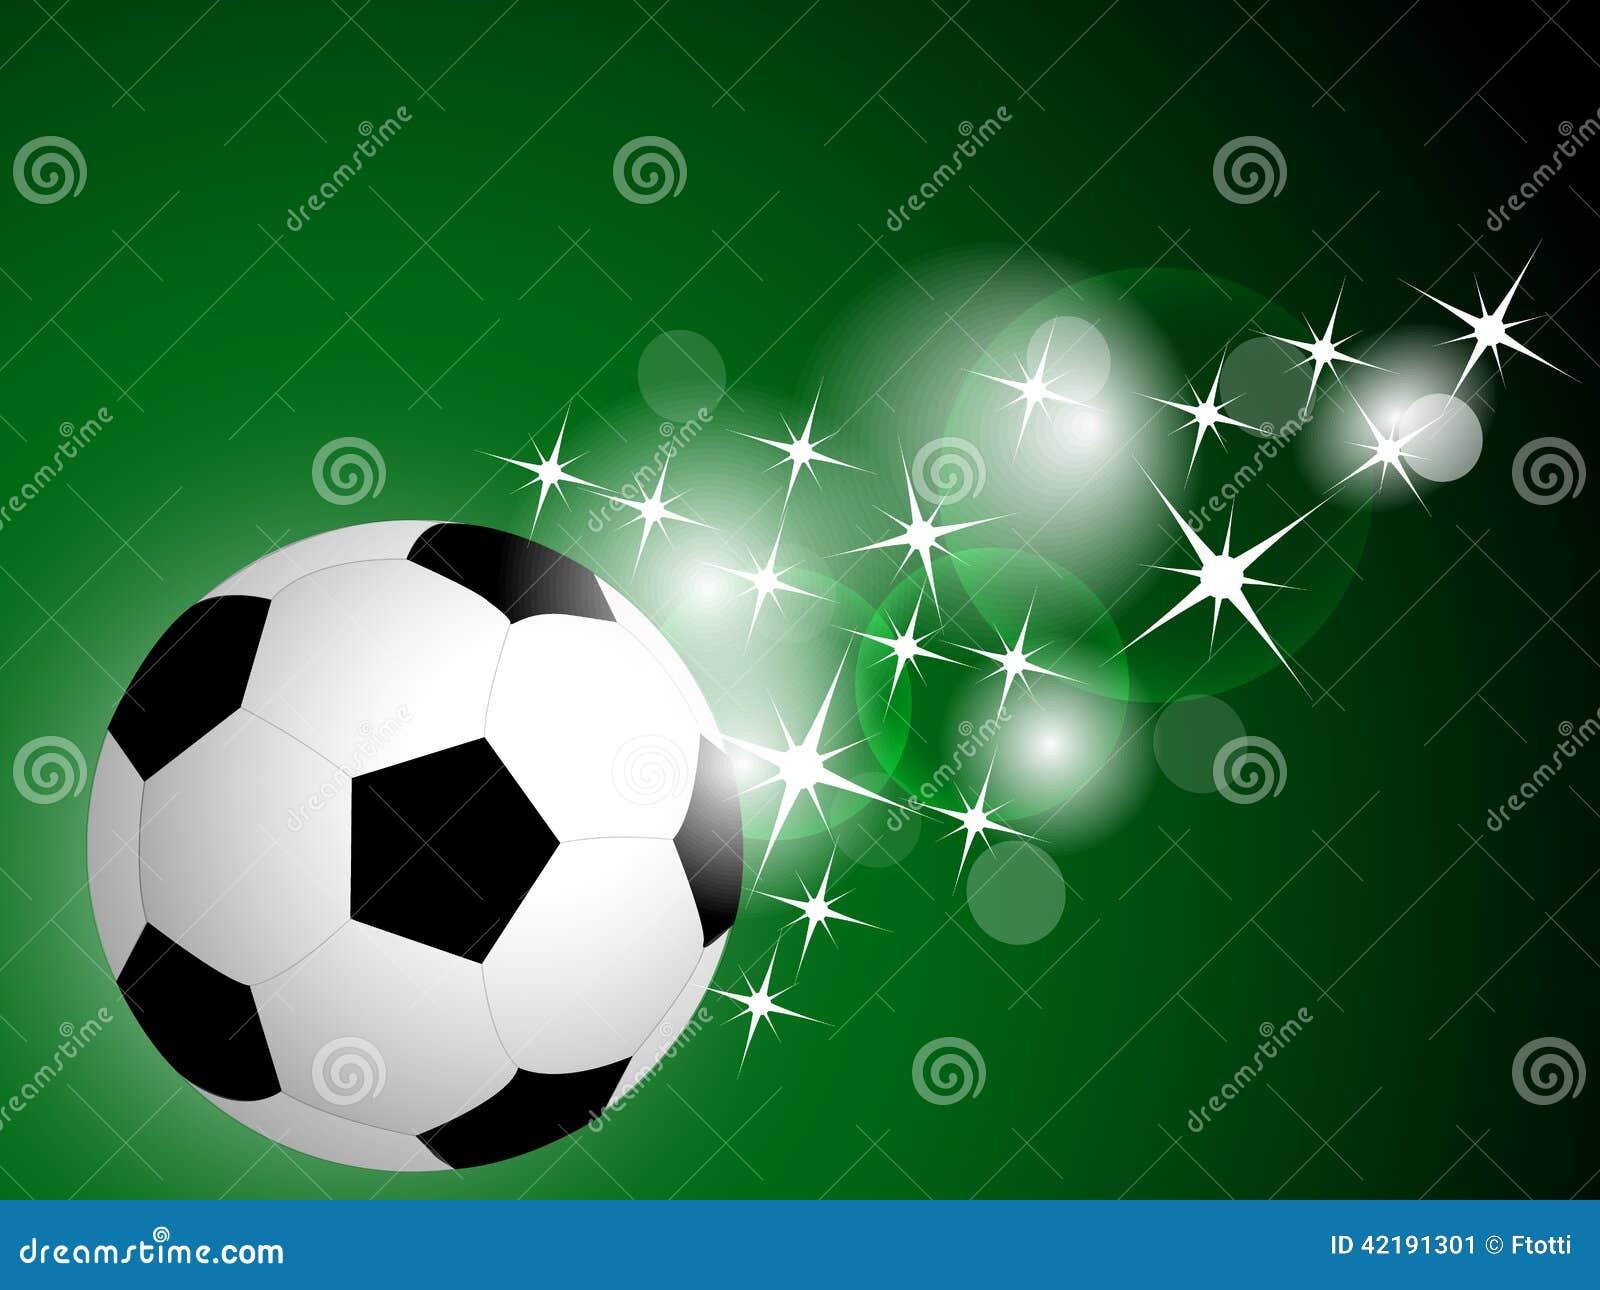 Deportes Pelotas Fondo Grunge: Soccer Ball Background Stock Vector